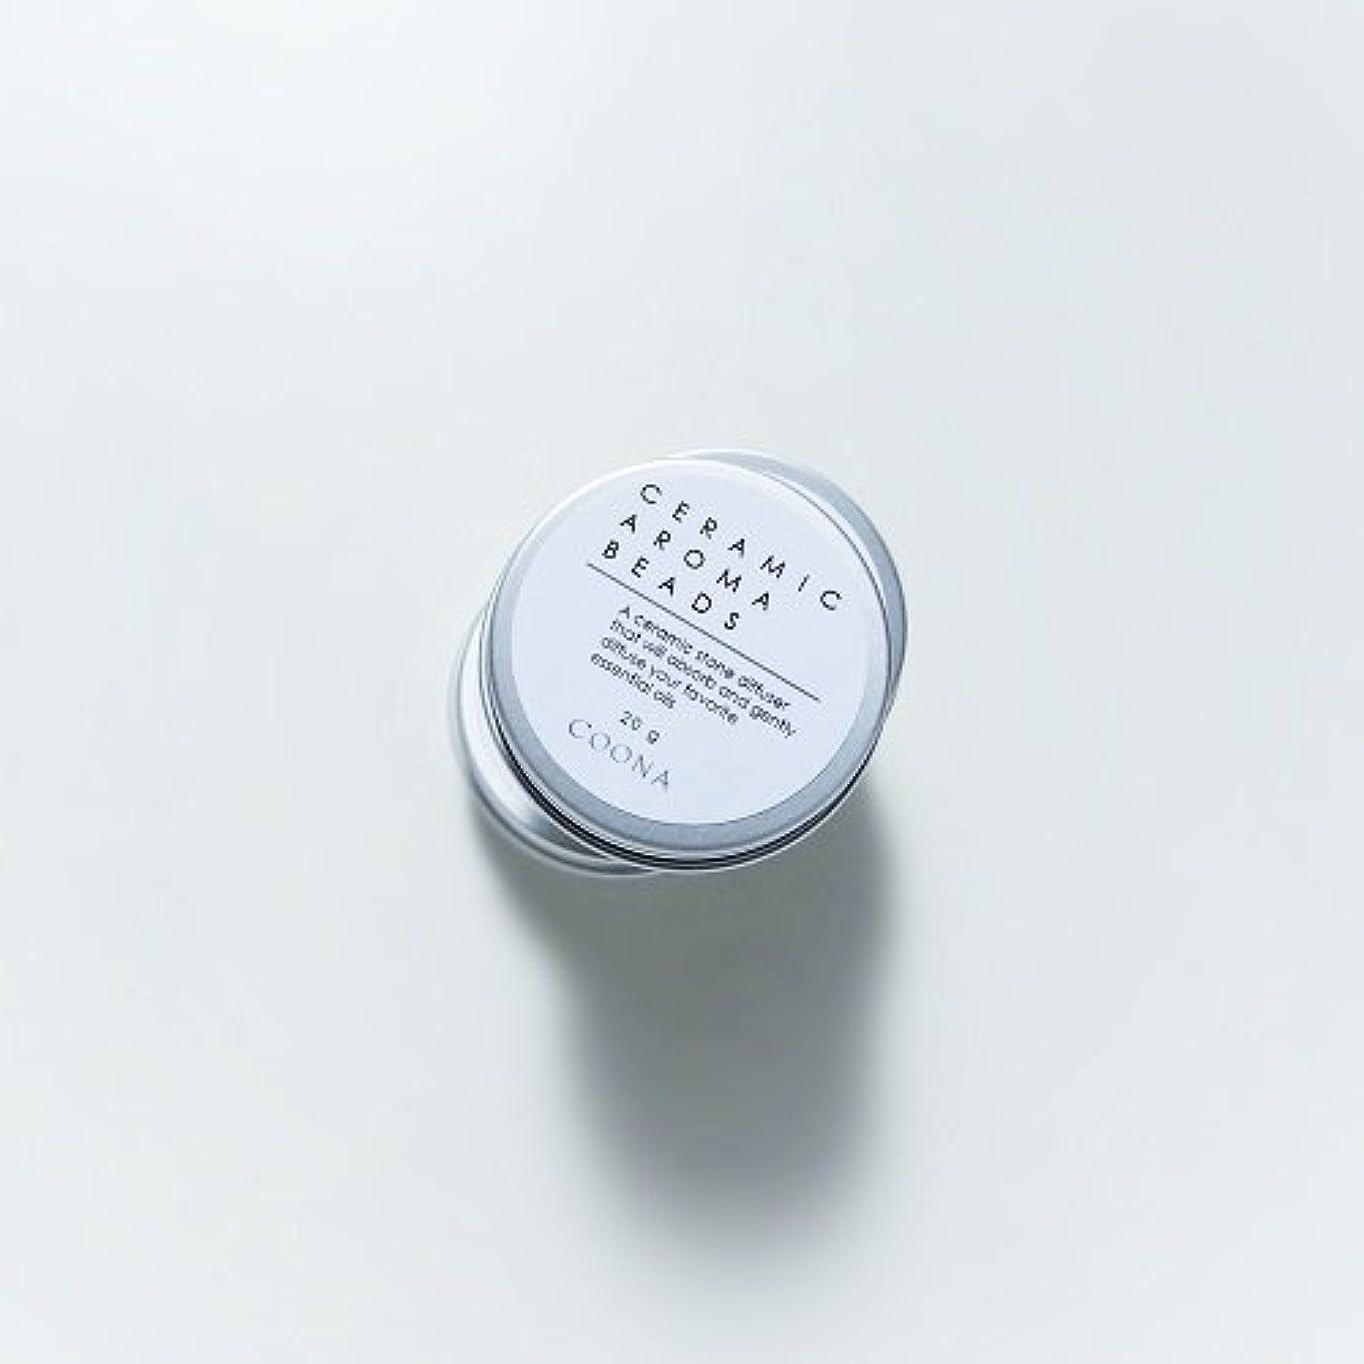 一流ちっちゃい面積セラミックアロマビーズ(缶入り アロマストーン エコディフューザー)20g×1個